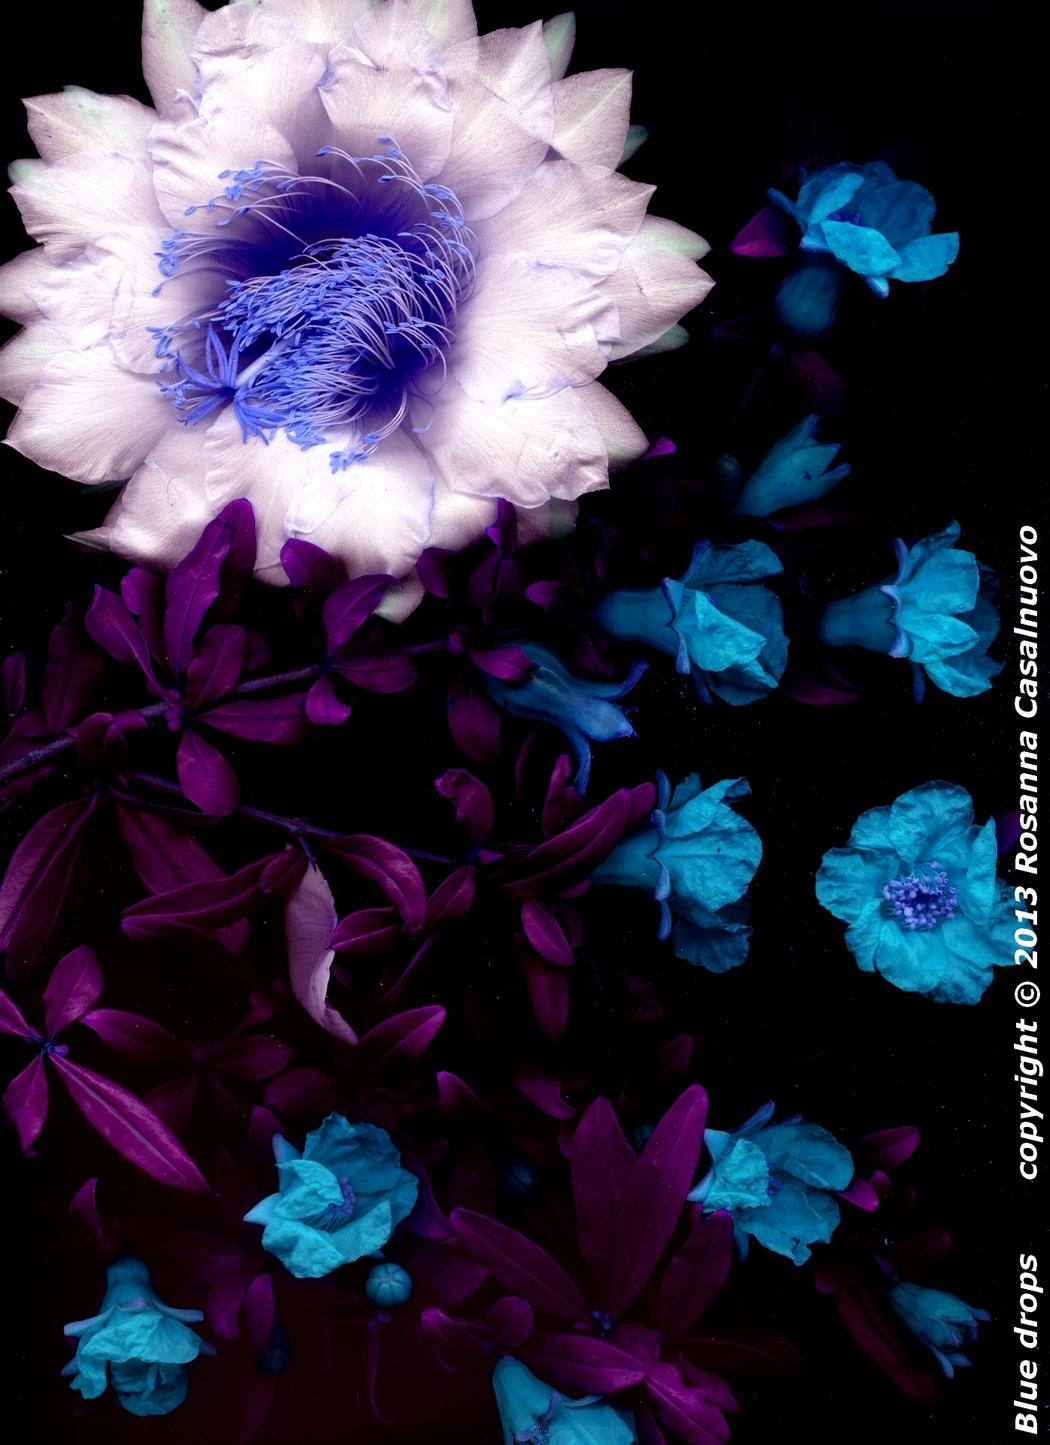 scannografia fiori melograno cactus manipolazione colori